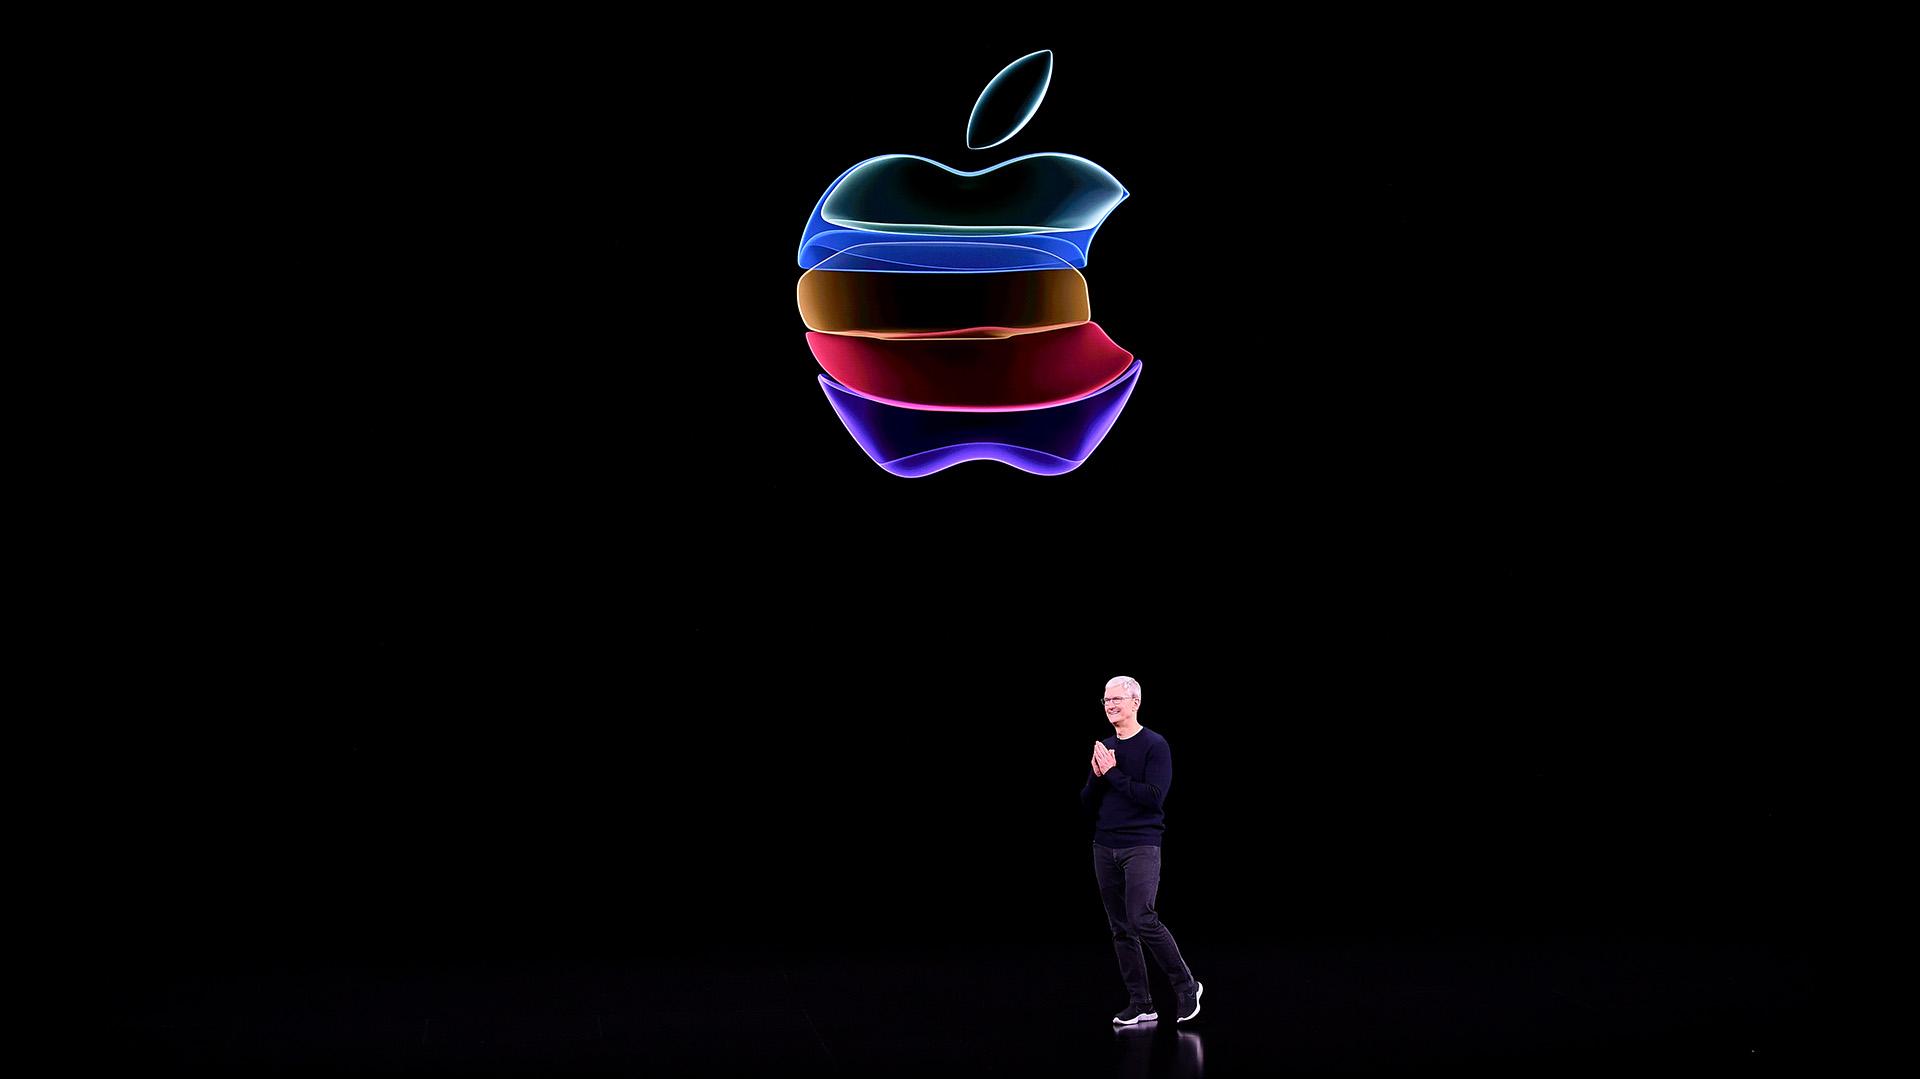 Tim Cook, CEO de Apple, habla en el escenario durante la presentación de productos en la sede de Apple en Cupertino, California, el 10 de septiembre de 2019 (Photo by Josh Edelson / AFP)